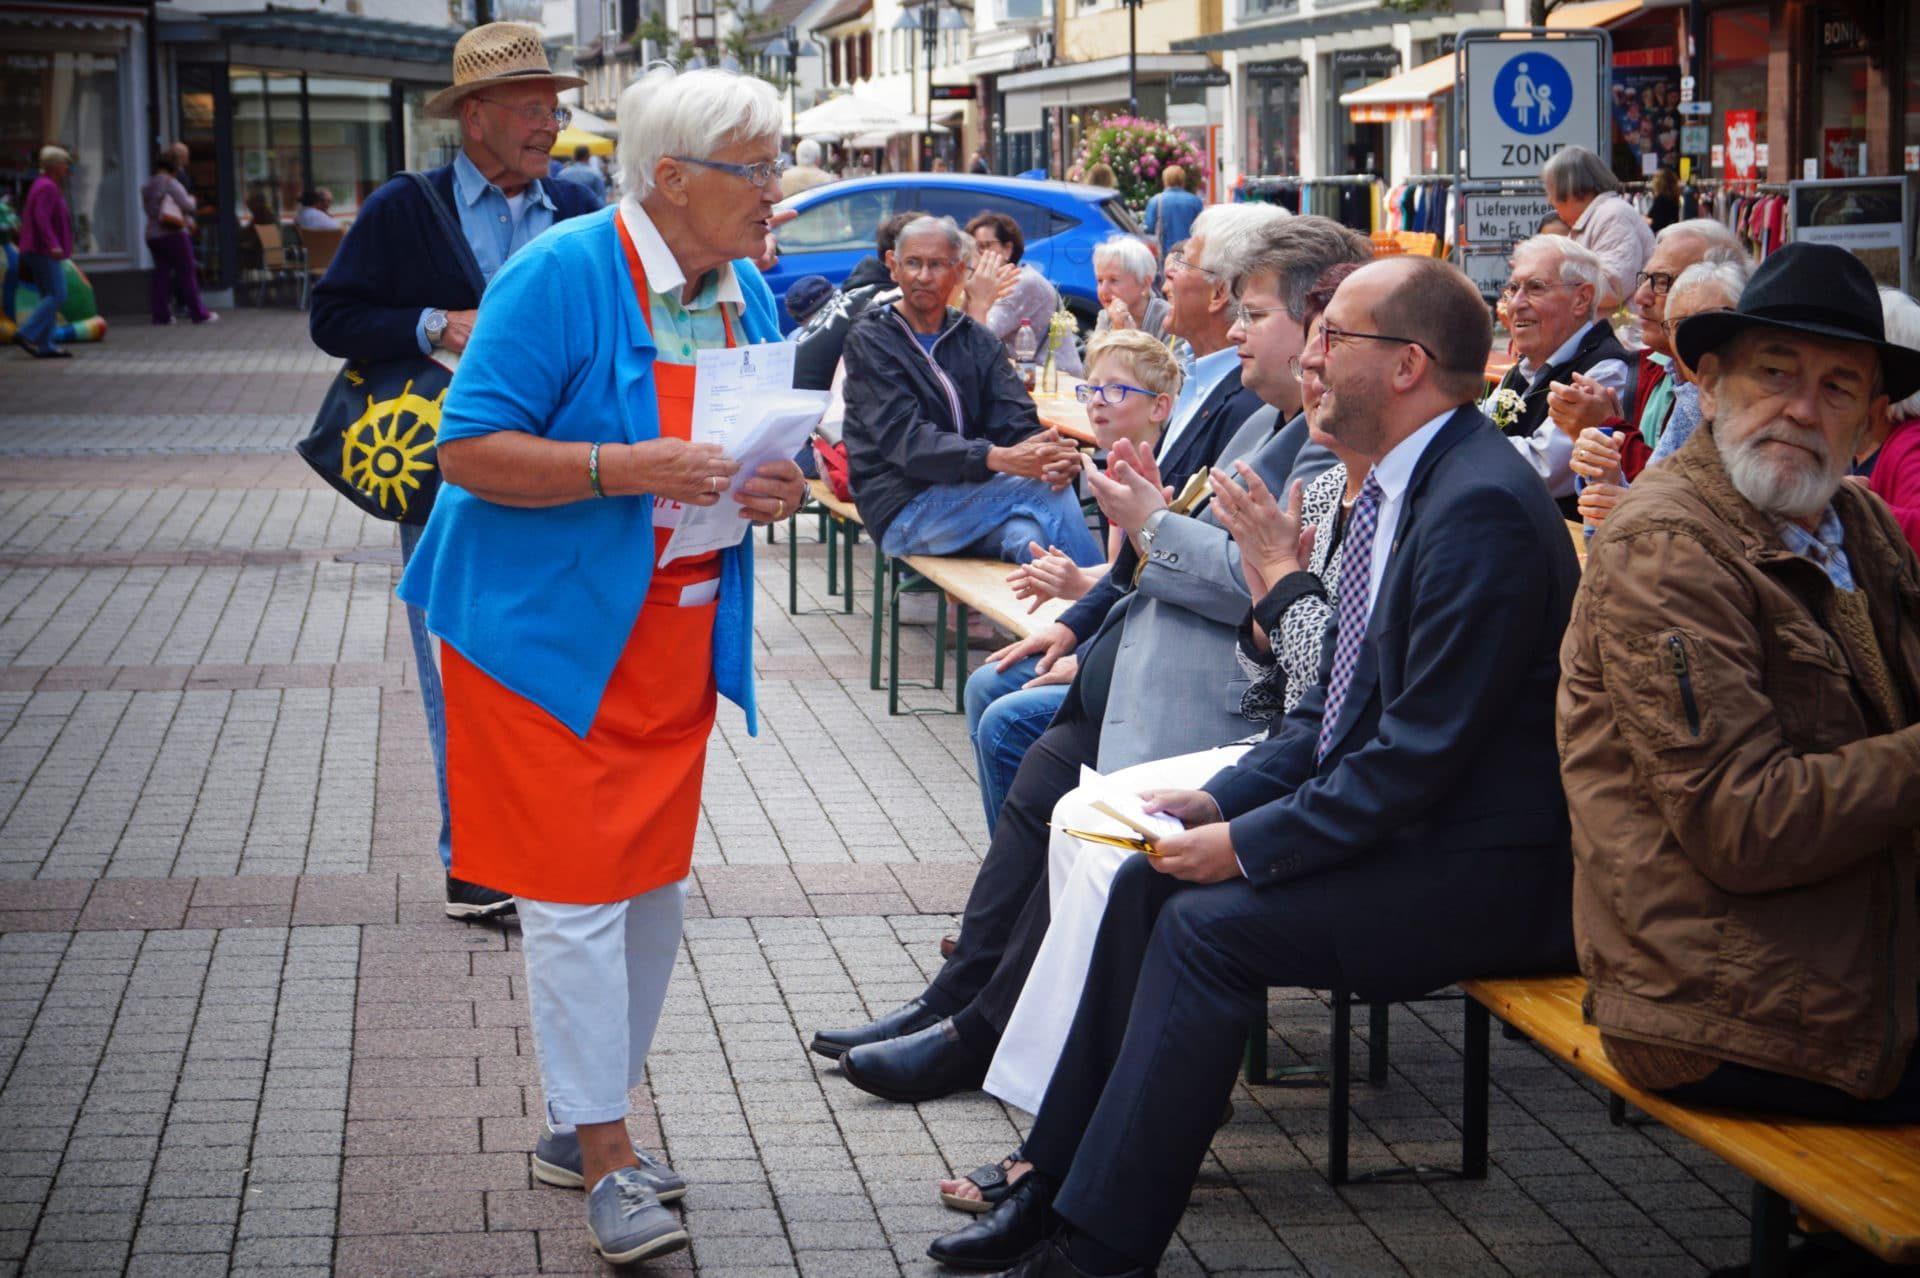 Die Vorsitzende der Schramberger Tafel, Elisabeth, Spöttle, im Gespräch mit Oberbürgermeister Thomas Herzog. Fotos: Witkowski